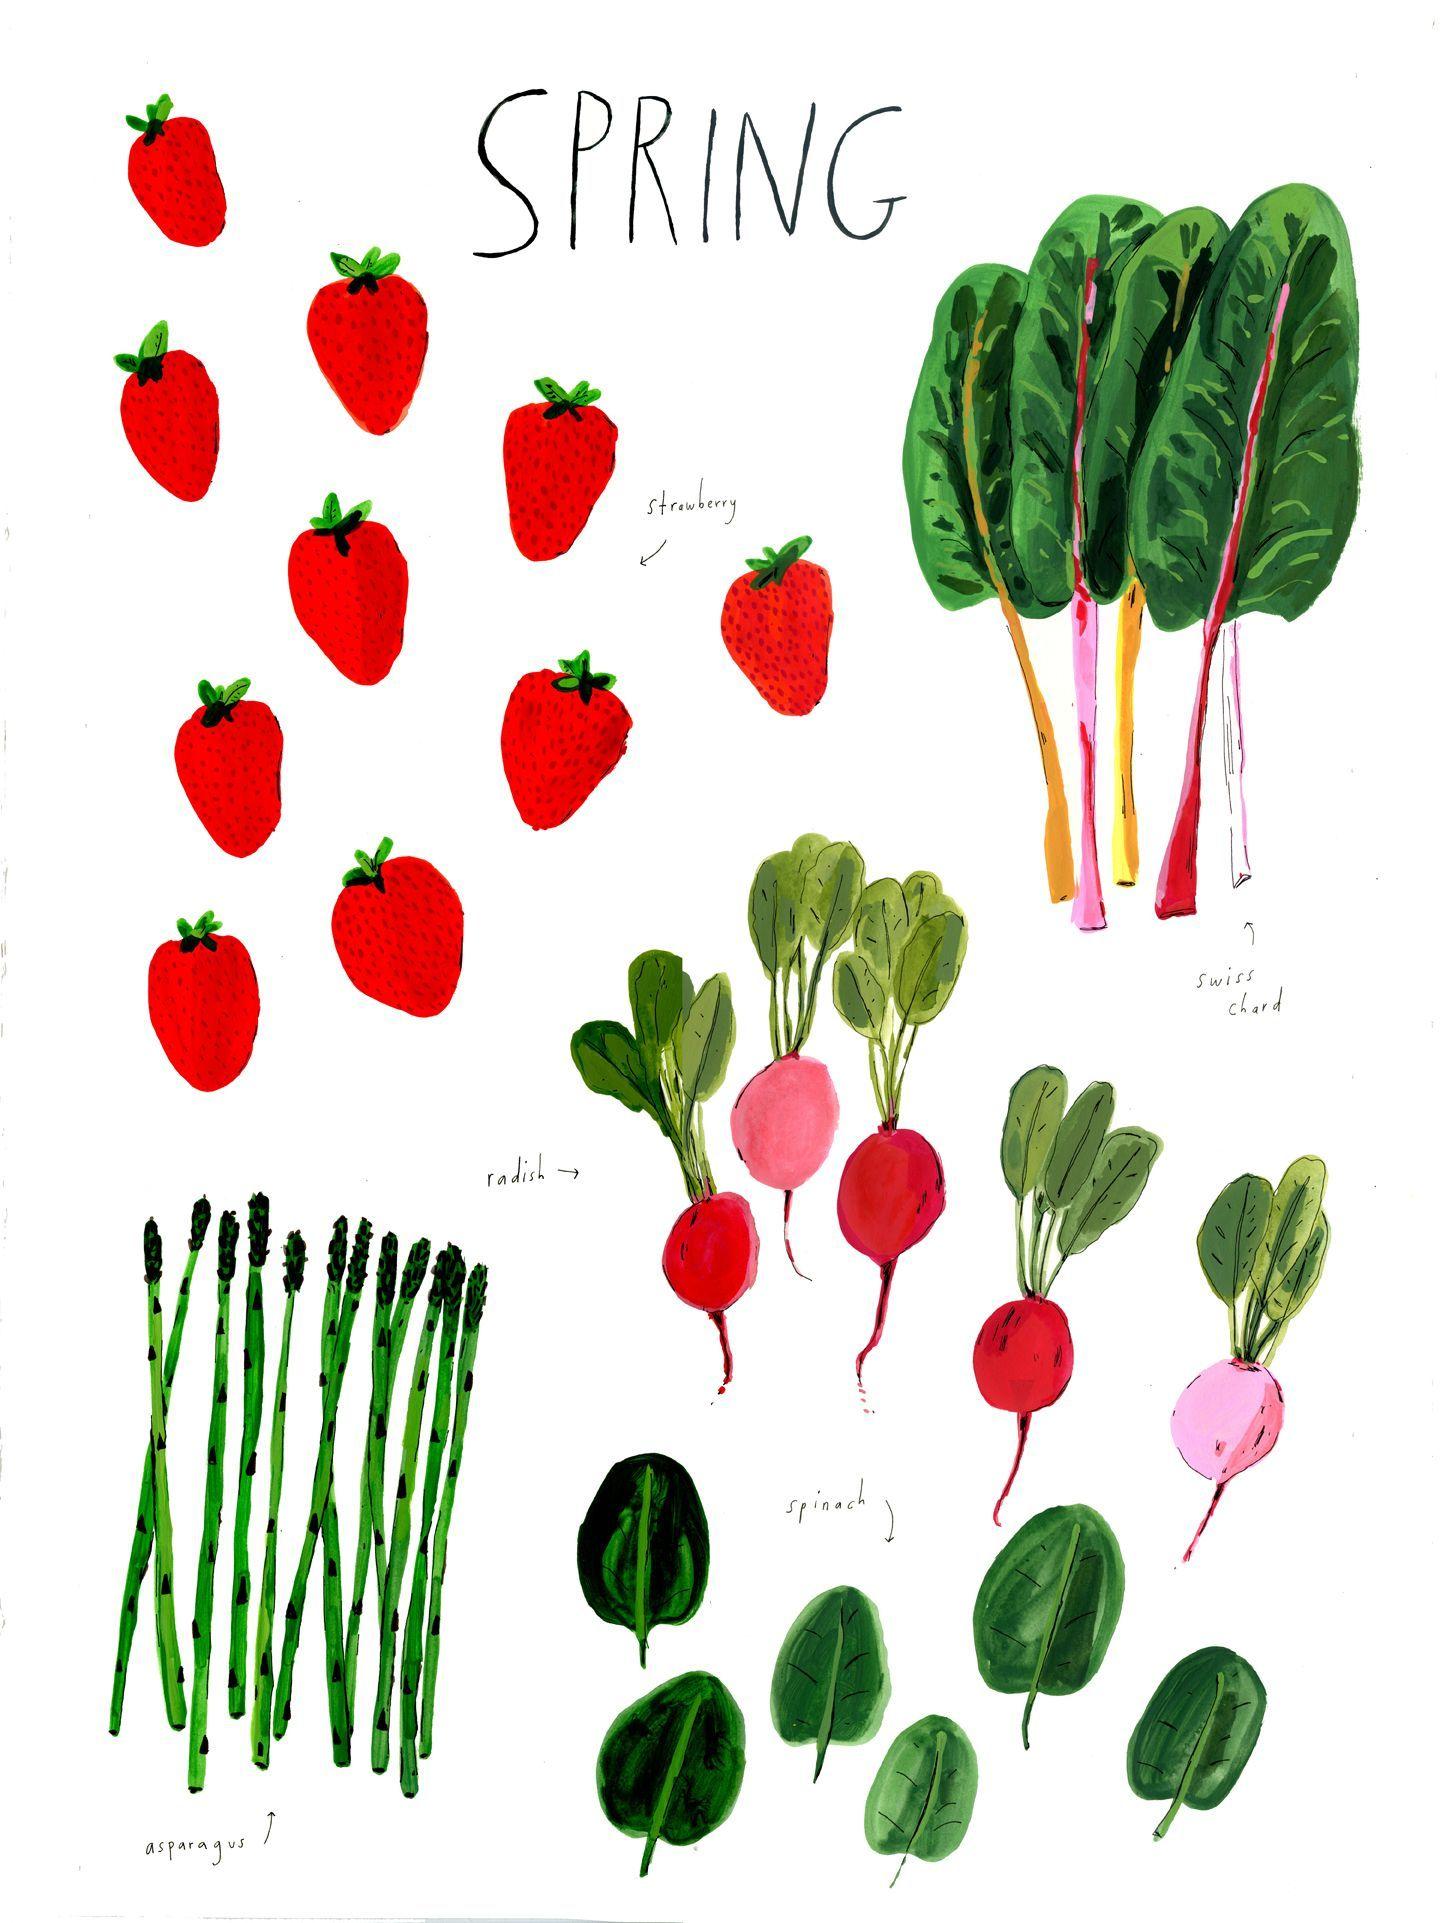 salad recipes tossed;salad recipes asian;faro salad recipes.